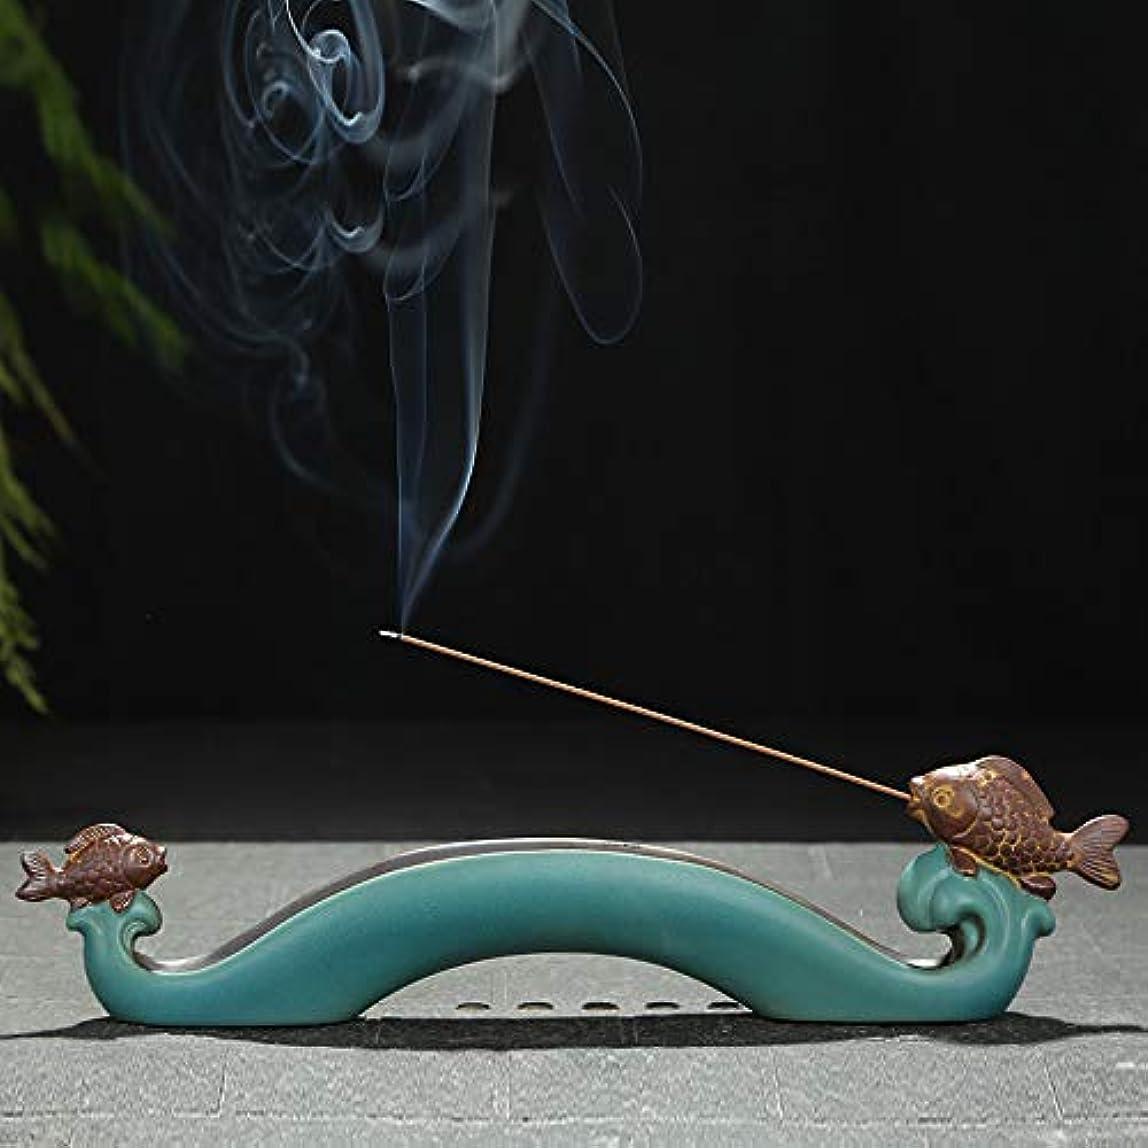 留まる尋ねるバブルPHILOGOD 香炉 陶器クリエイティブ鯉のスタイリング線香 香立てお香 ホルダー 香皿